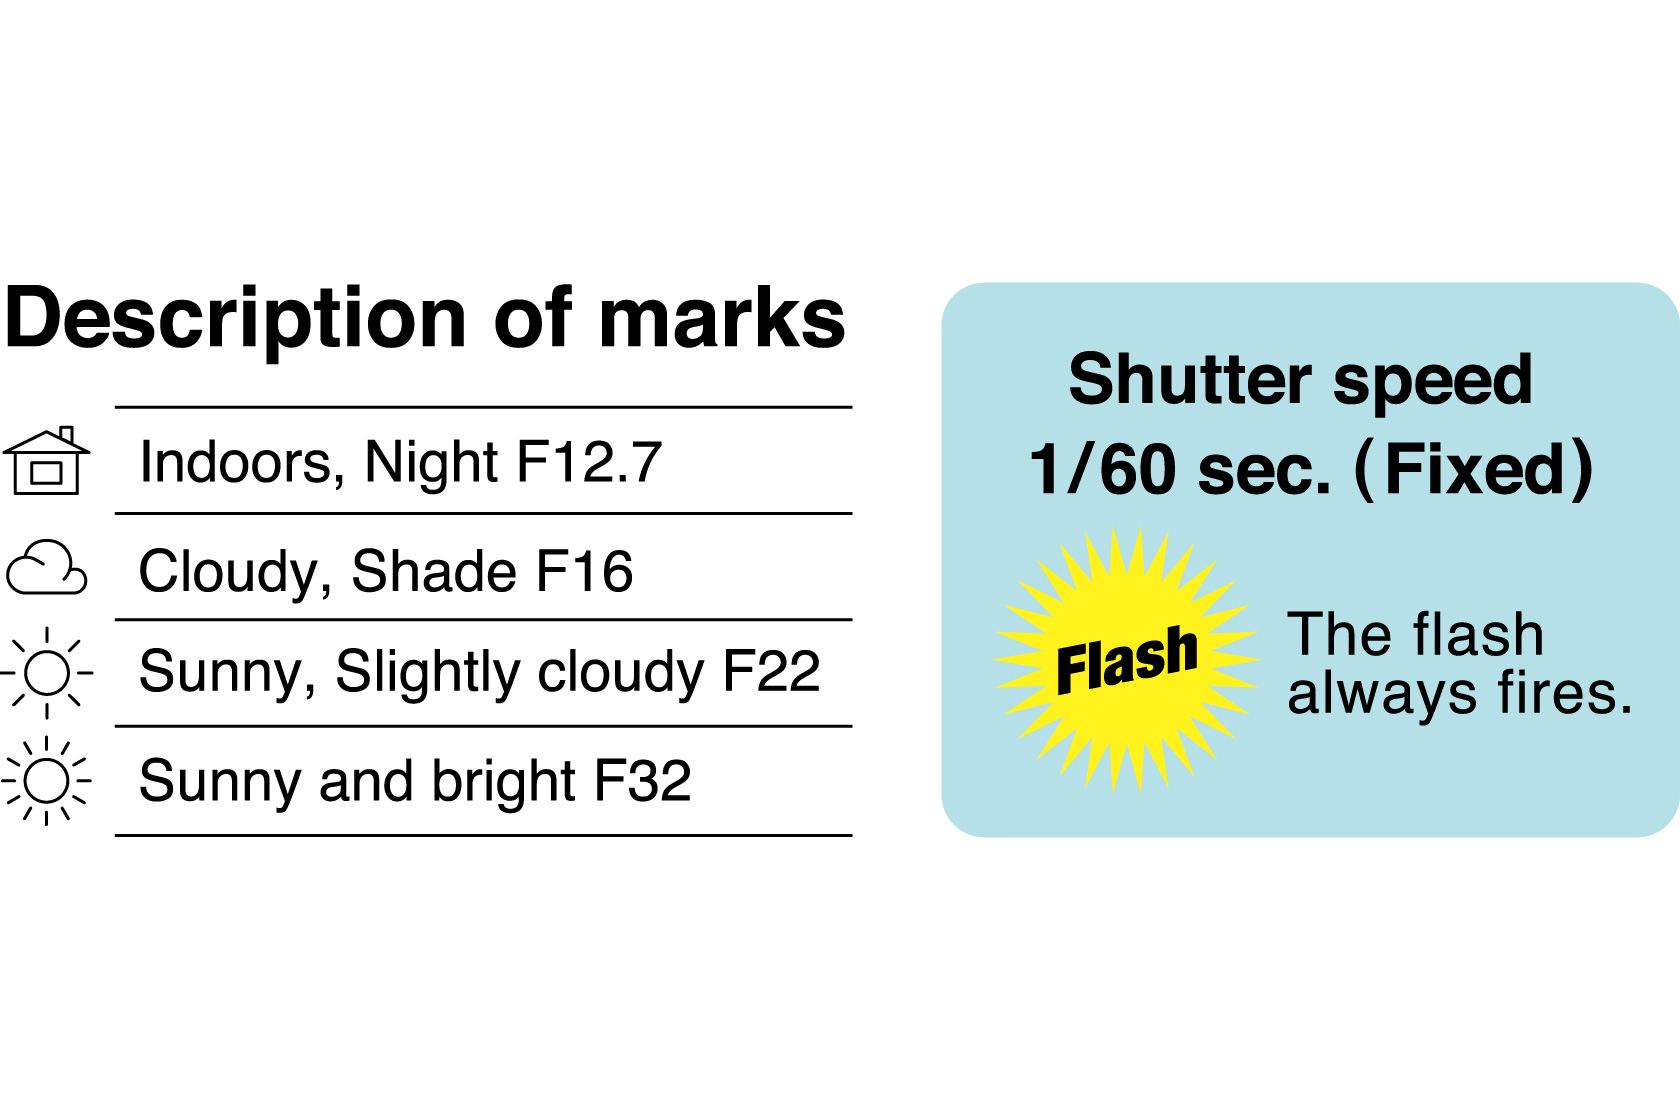 Imagem descrevendo o seletor de ajuste de luminosidade